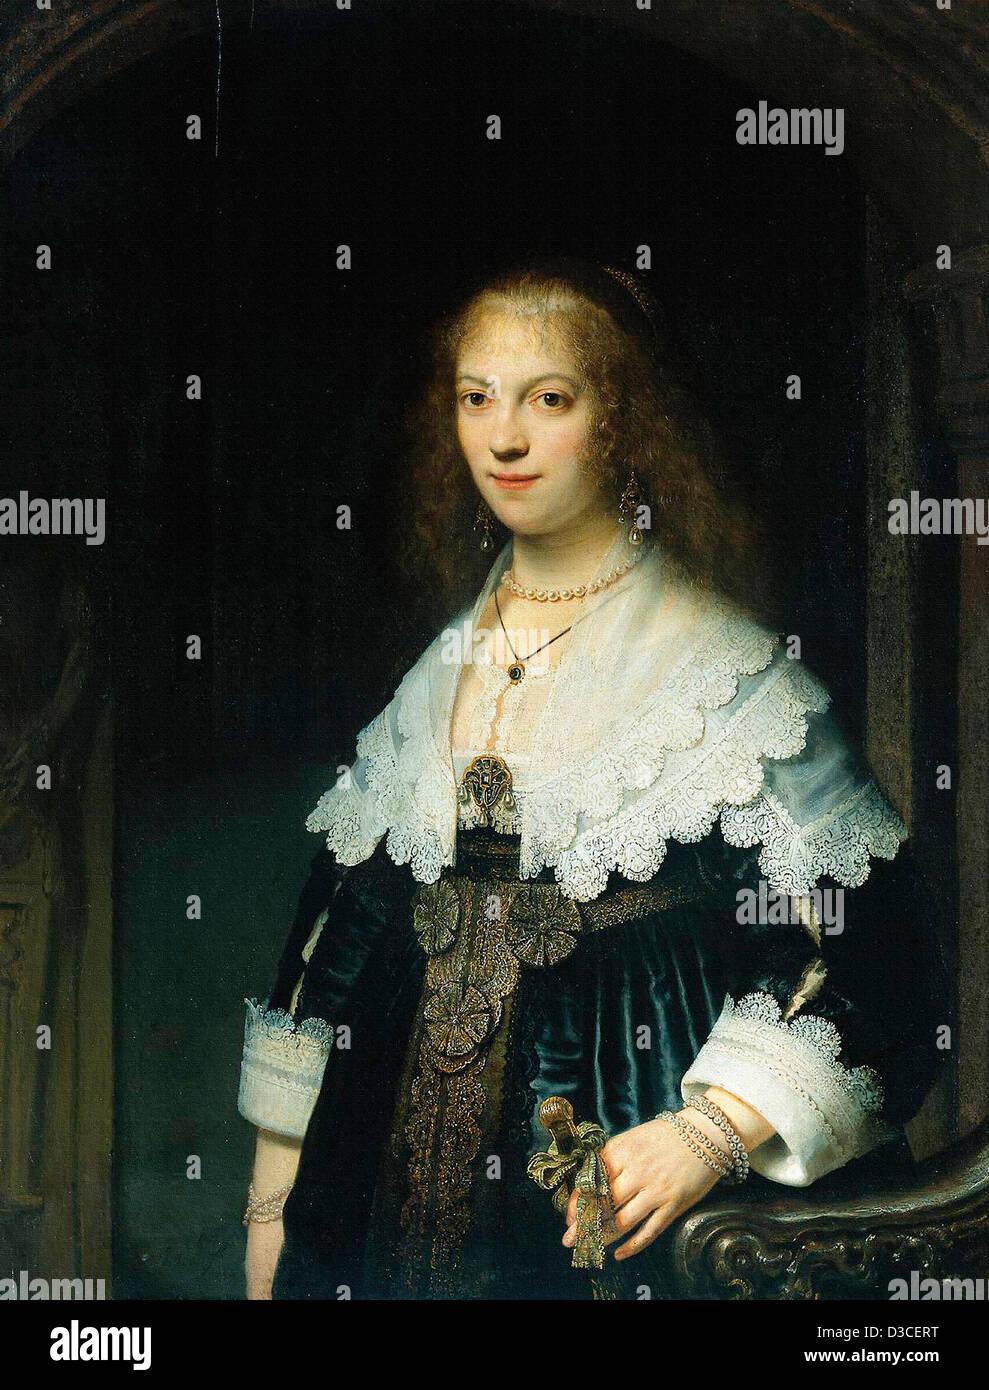 Rembrandt van Rijn, Retrato de María viaje. 1639 Óleo sobre panel. El barroco. Rijksmuseum Amsterdam. Imagen De Stock